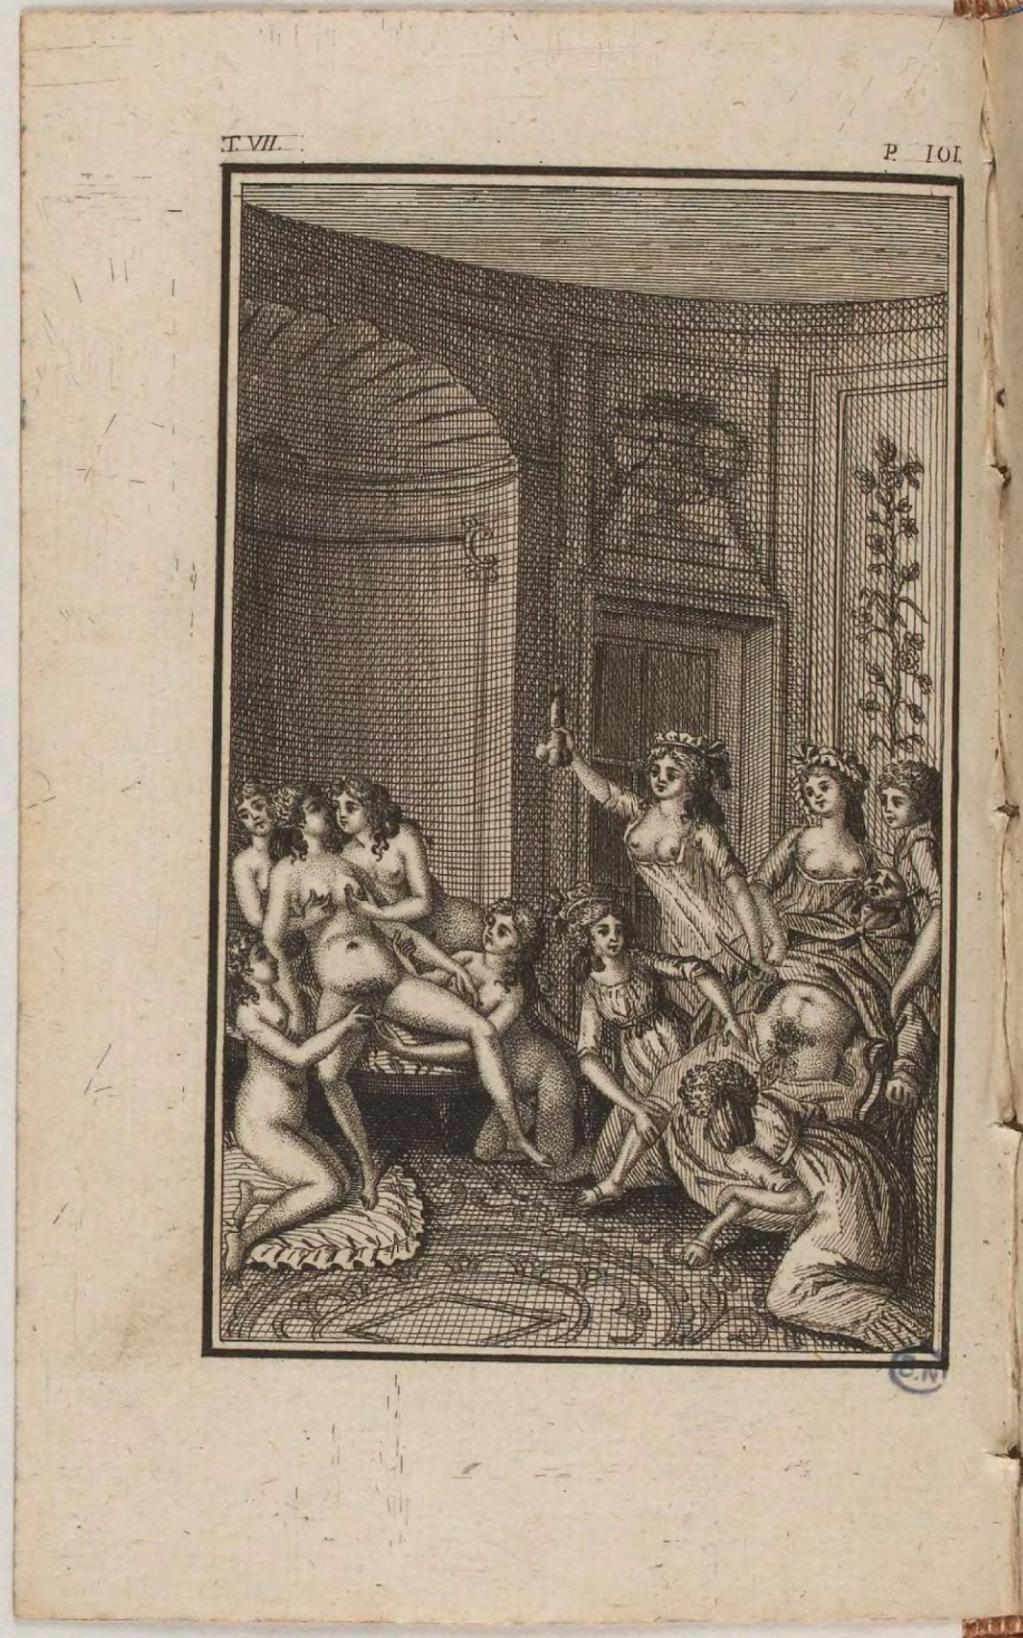 Justine de sade and adrianna laurenti threesome in au bonheur des femmes